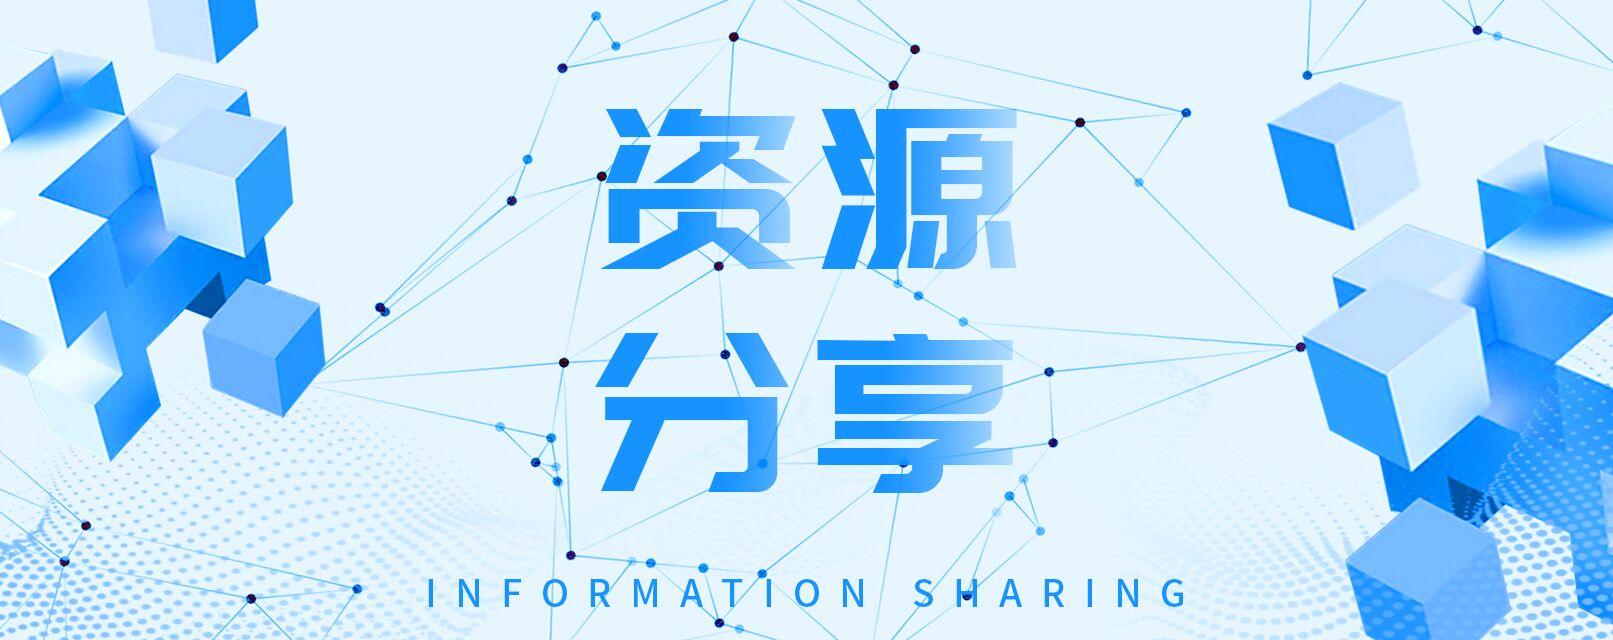 【资源分享】全历史(一款功能强大的综合知识应用)